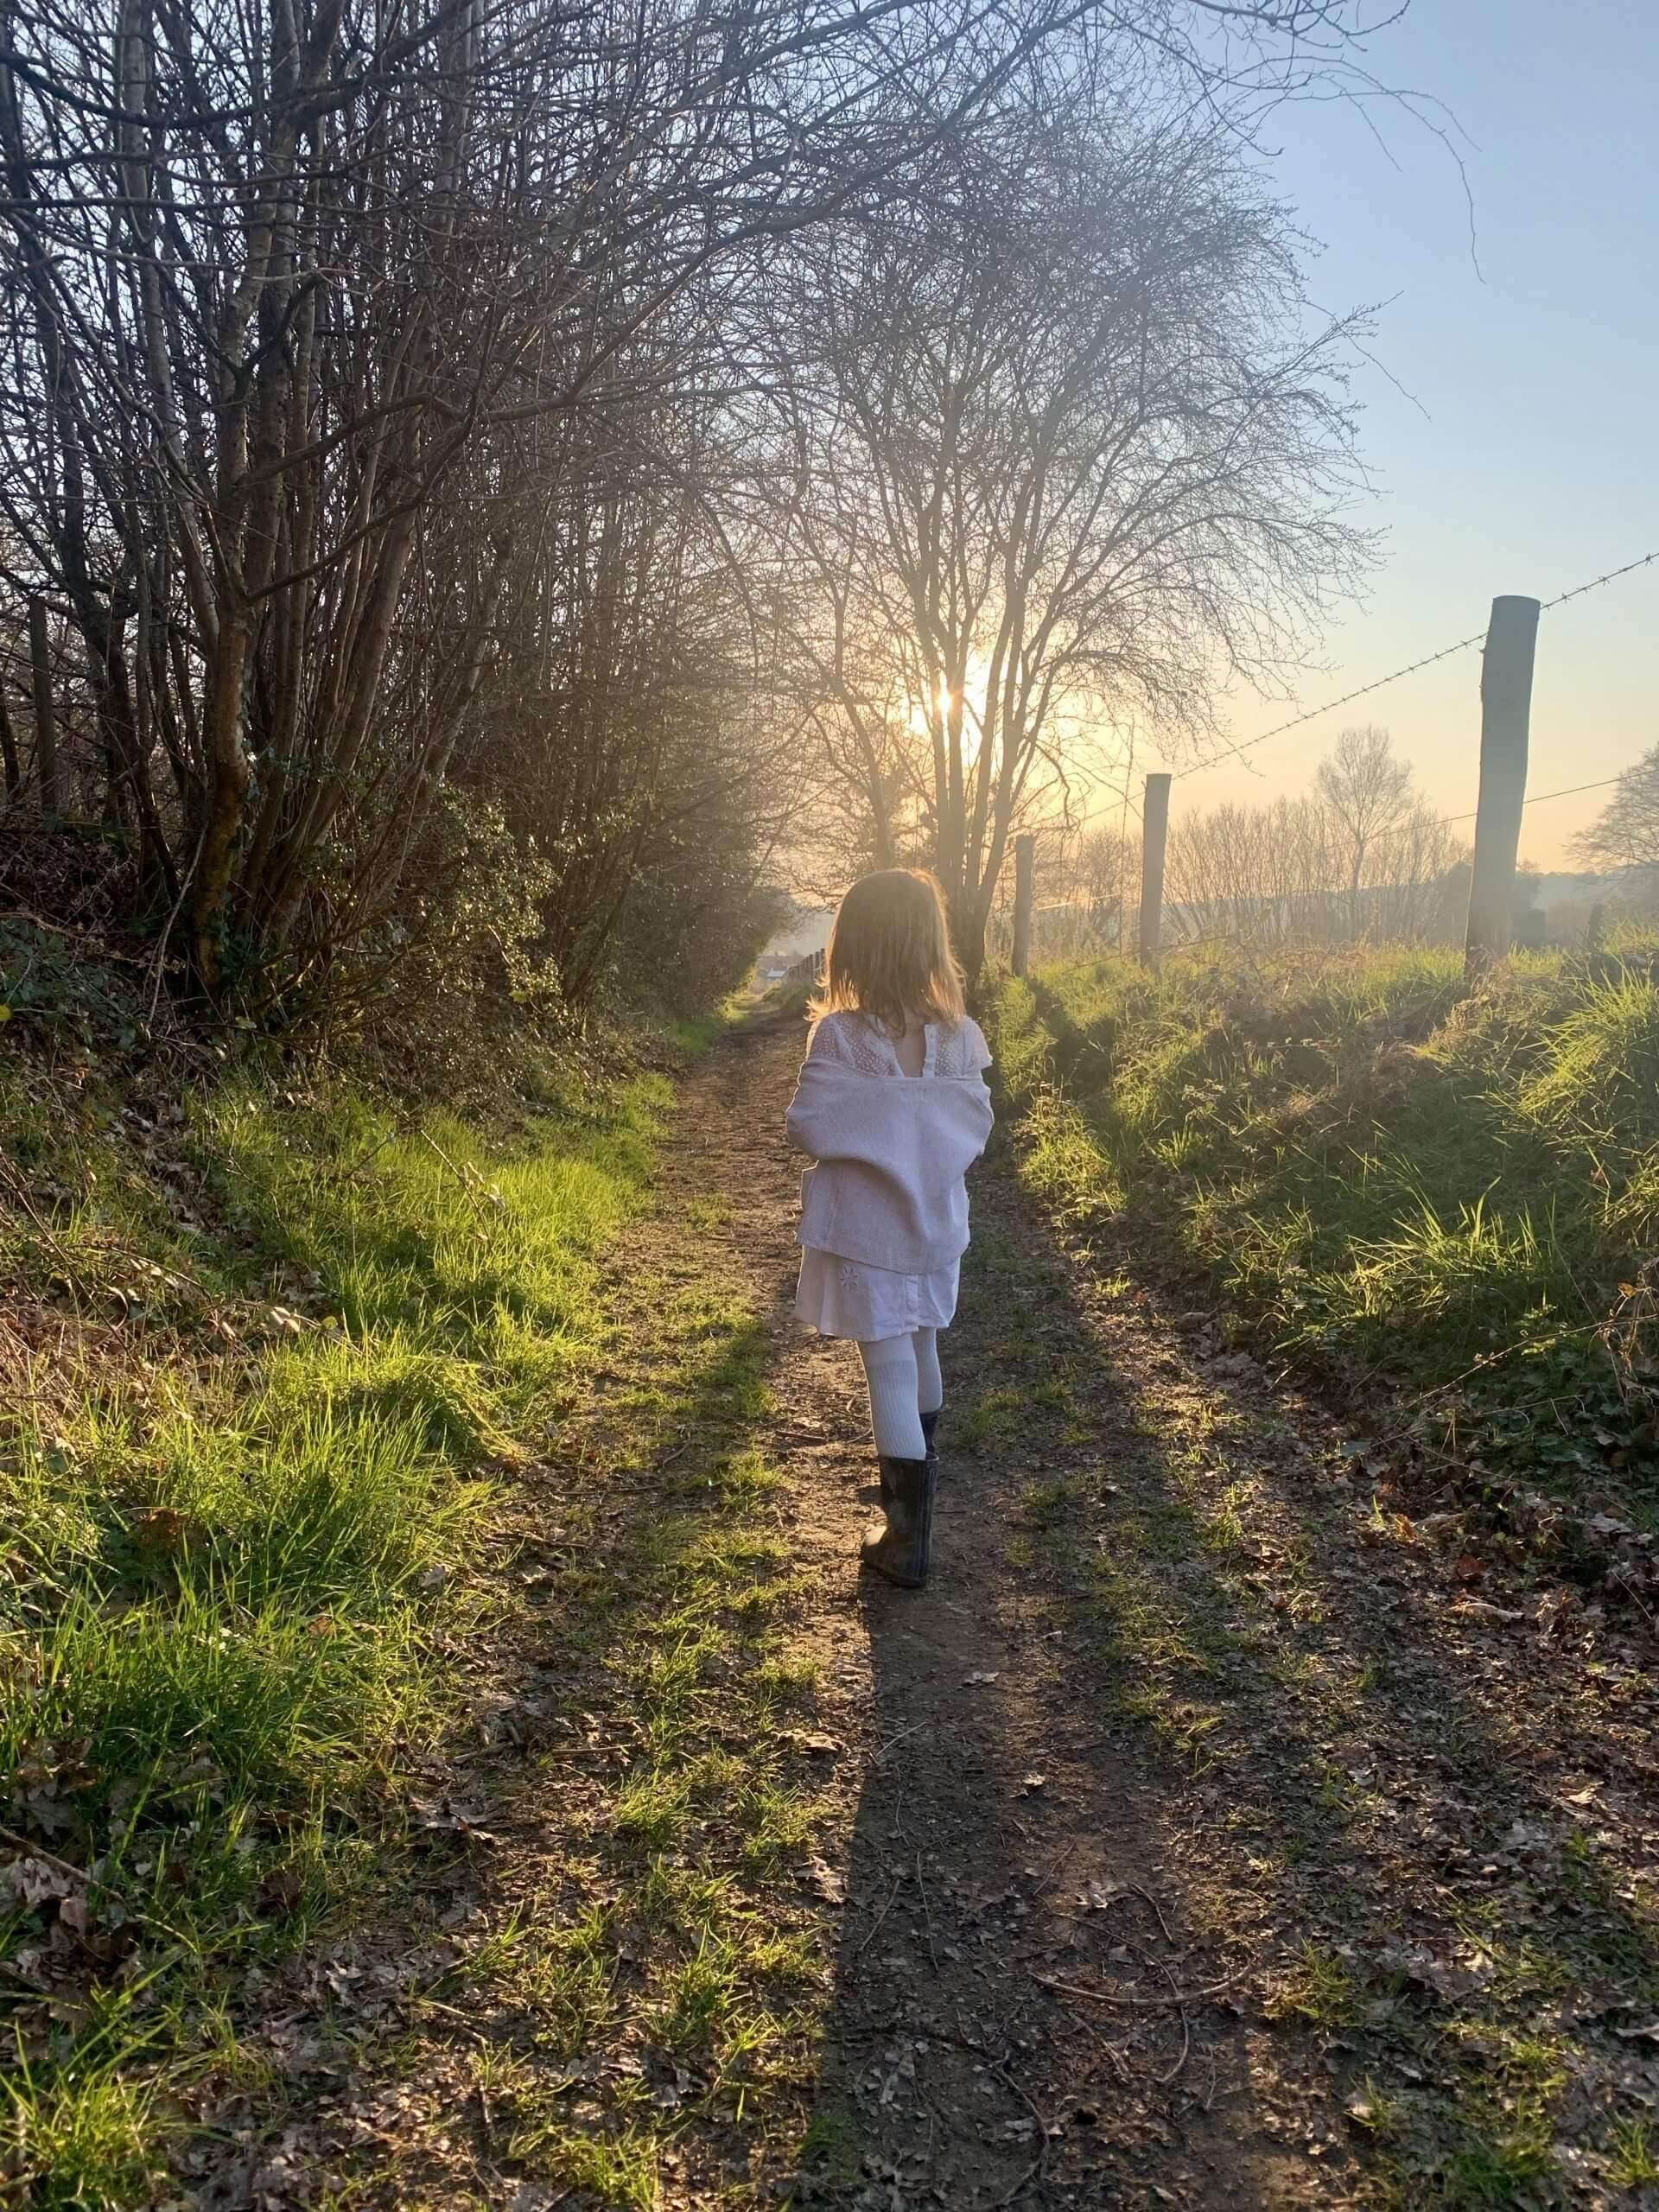 Child Walking in Fields | The Mustcard